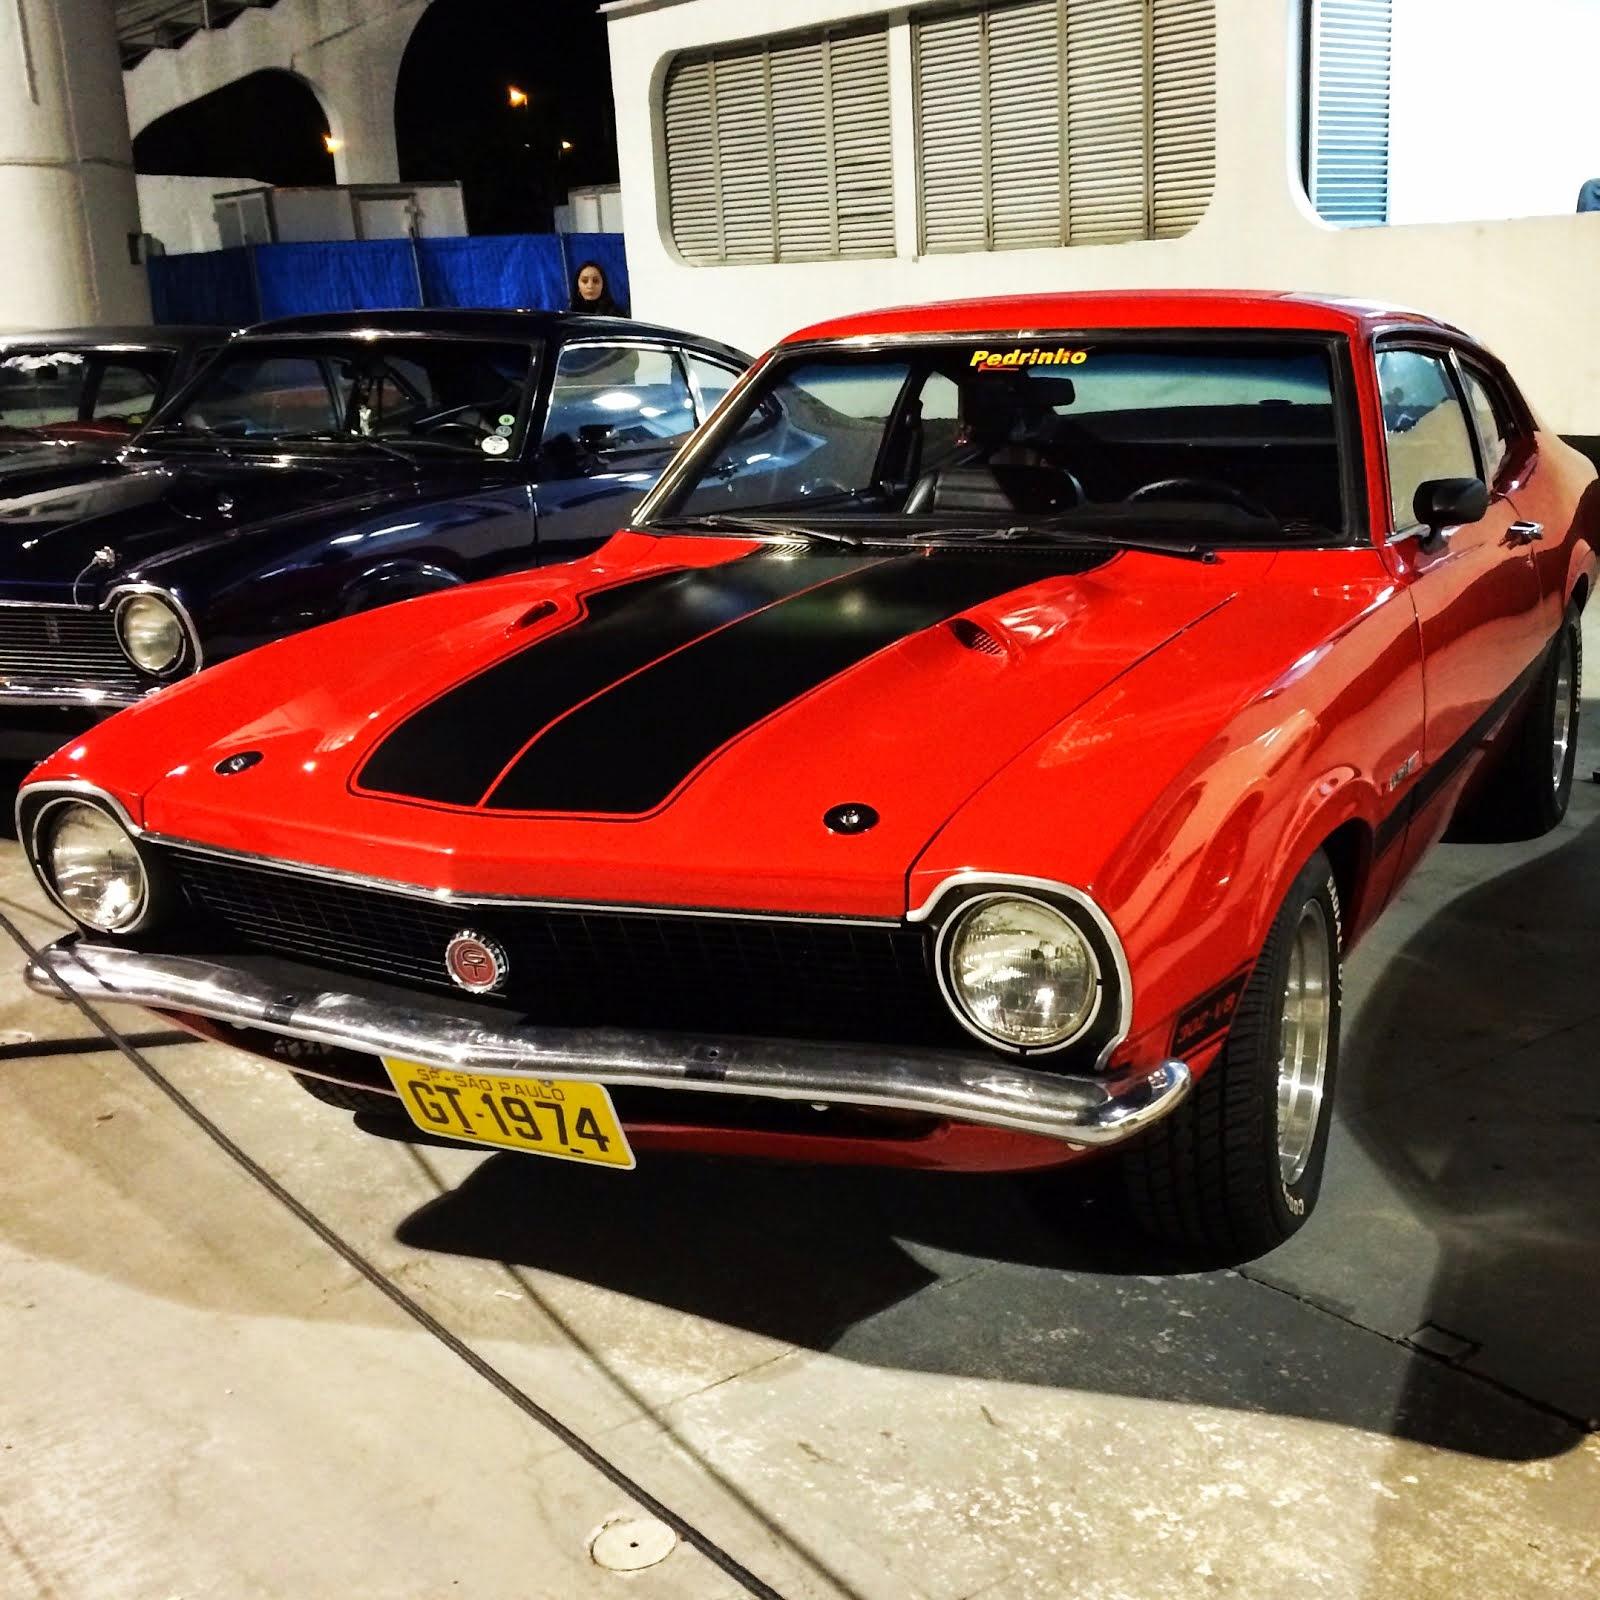 2012 Ford Mustang 50 Maverick GT V8: Maverick night, fantástico! GT 1974